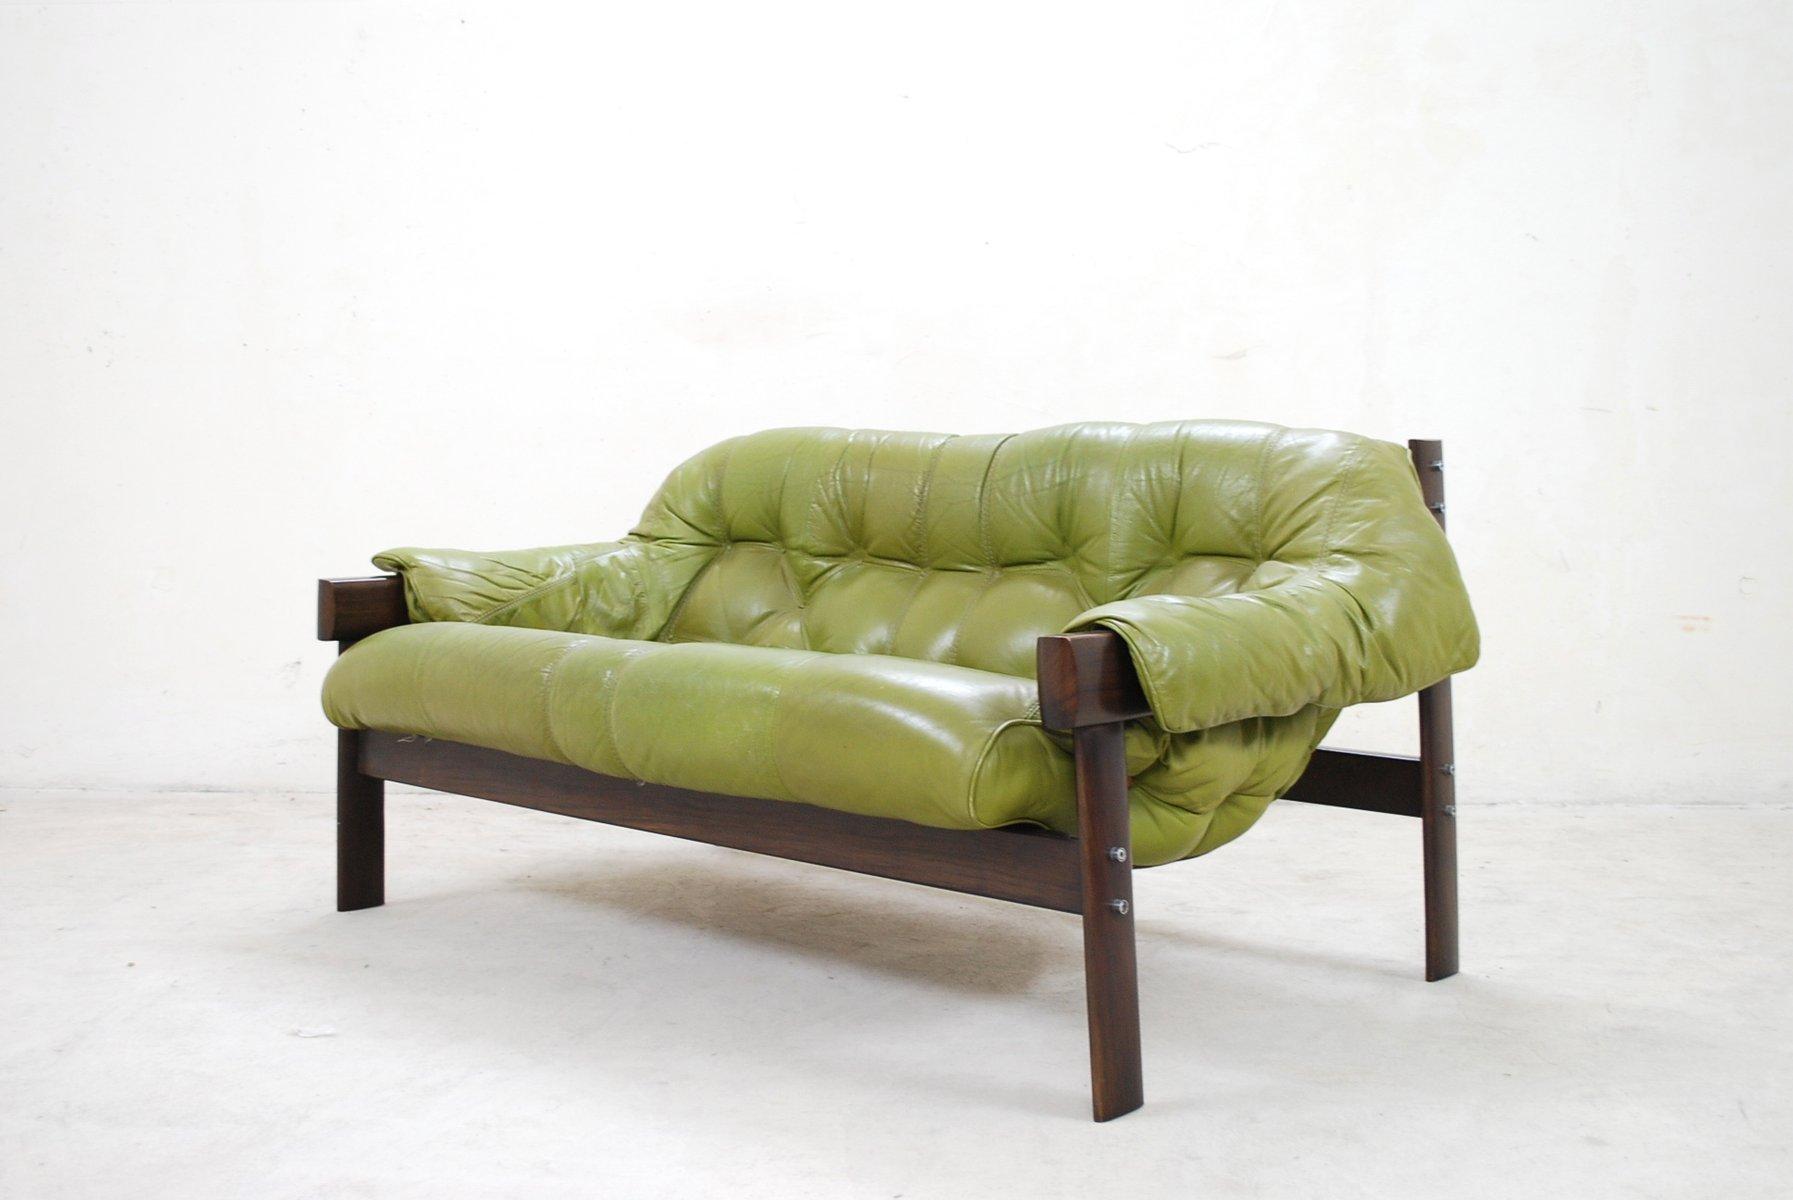 Attirant Model MP 041 Green Leather Sofa From Percival Lafer, 1961